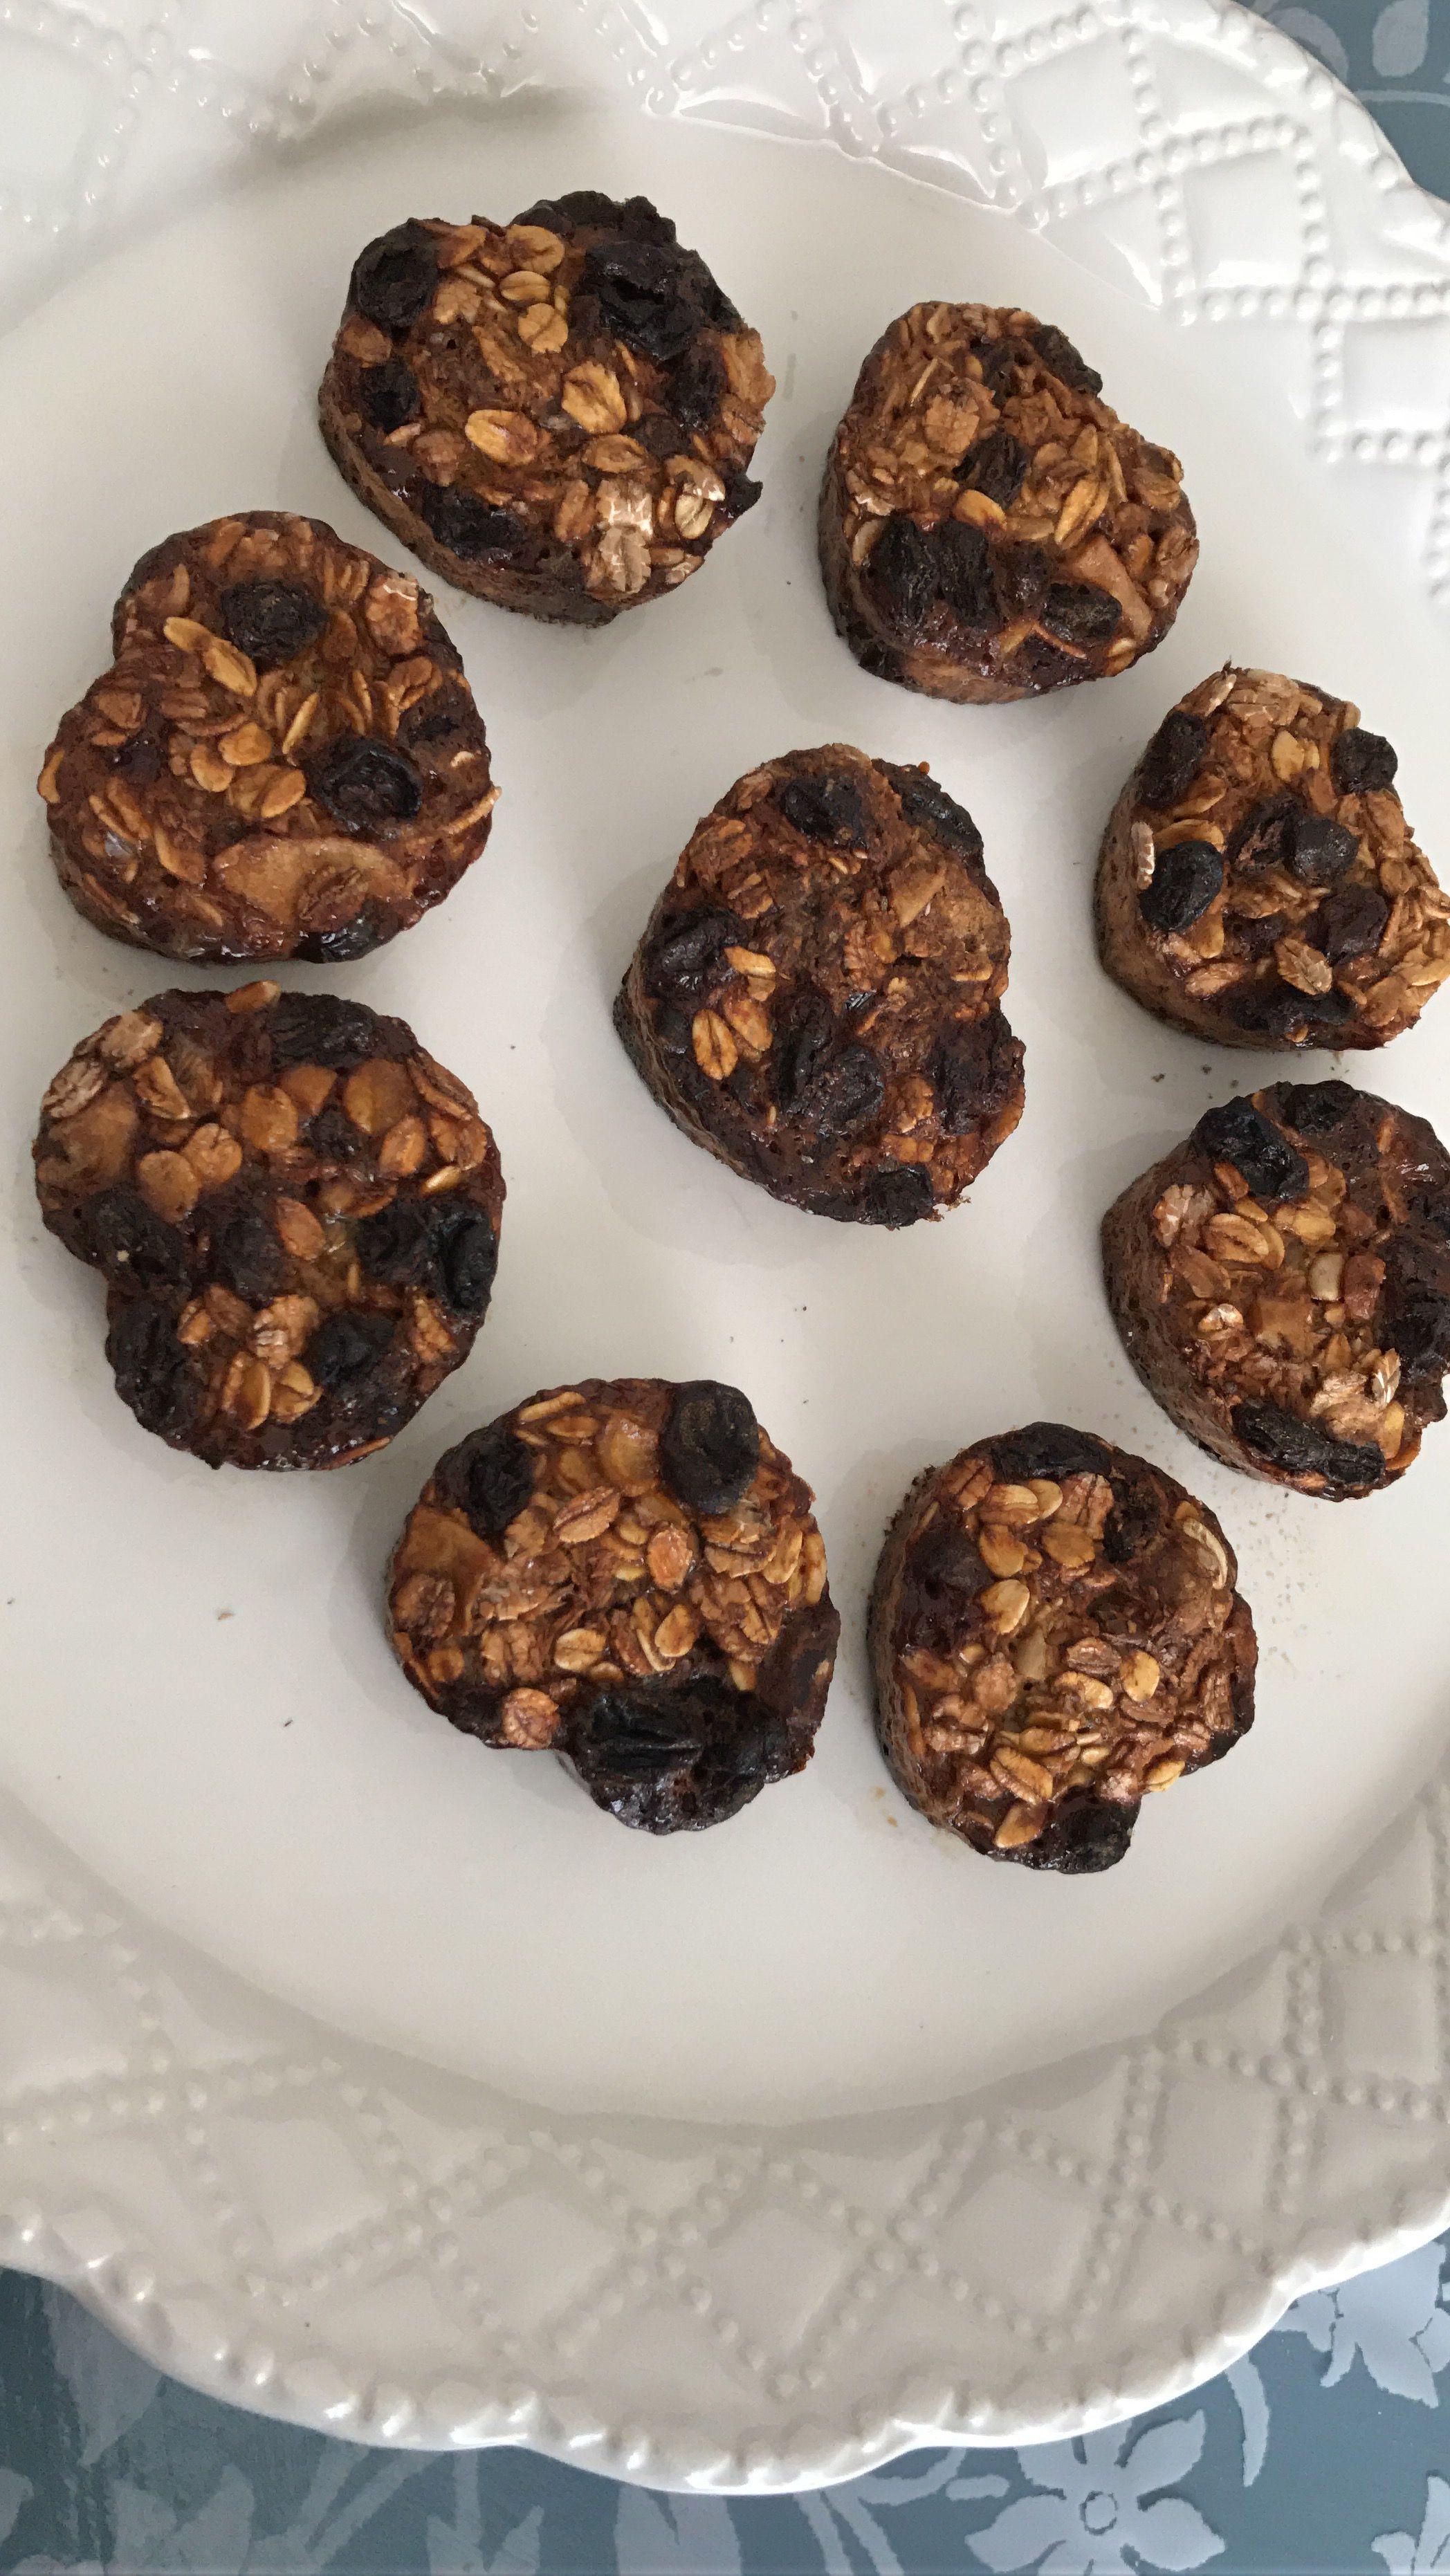 Mini muffin per colazione con aveva integrale, latte, uova, uvetta, farina di cocco, cannella e sciroppo d'acero Nutrizionist approved!